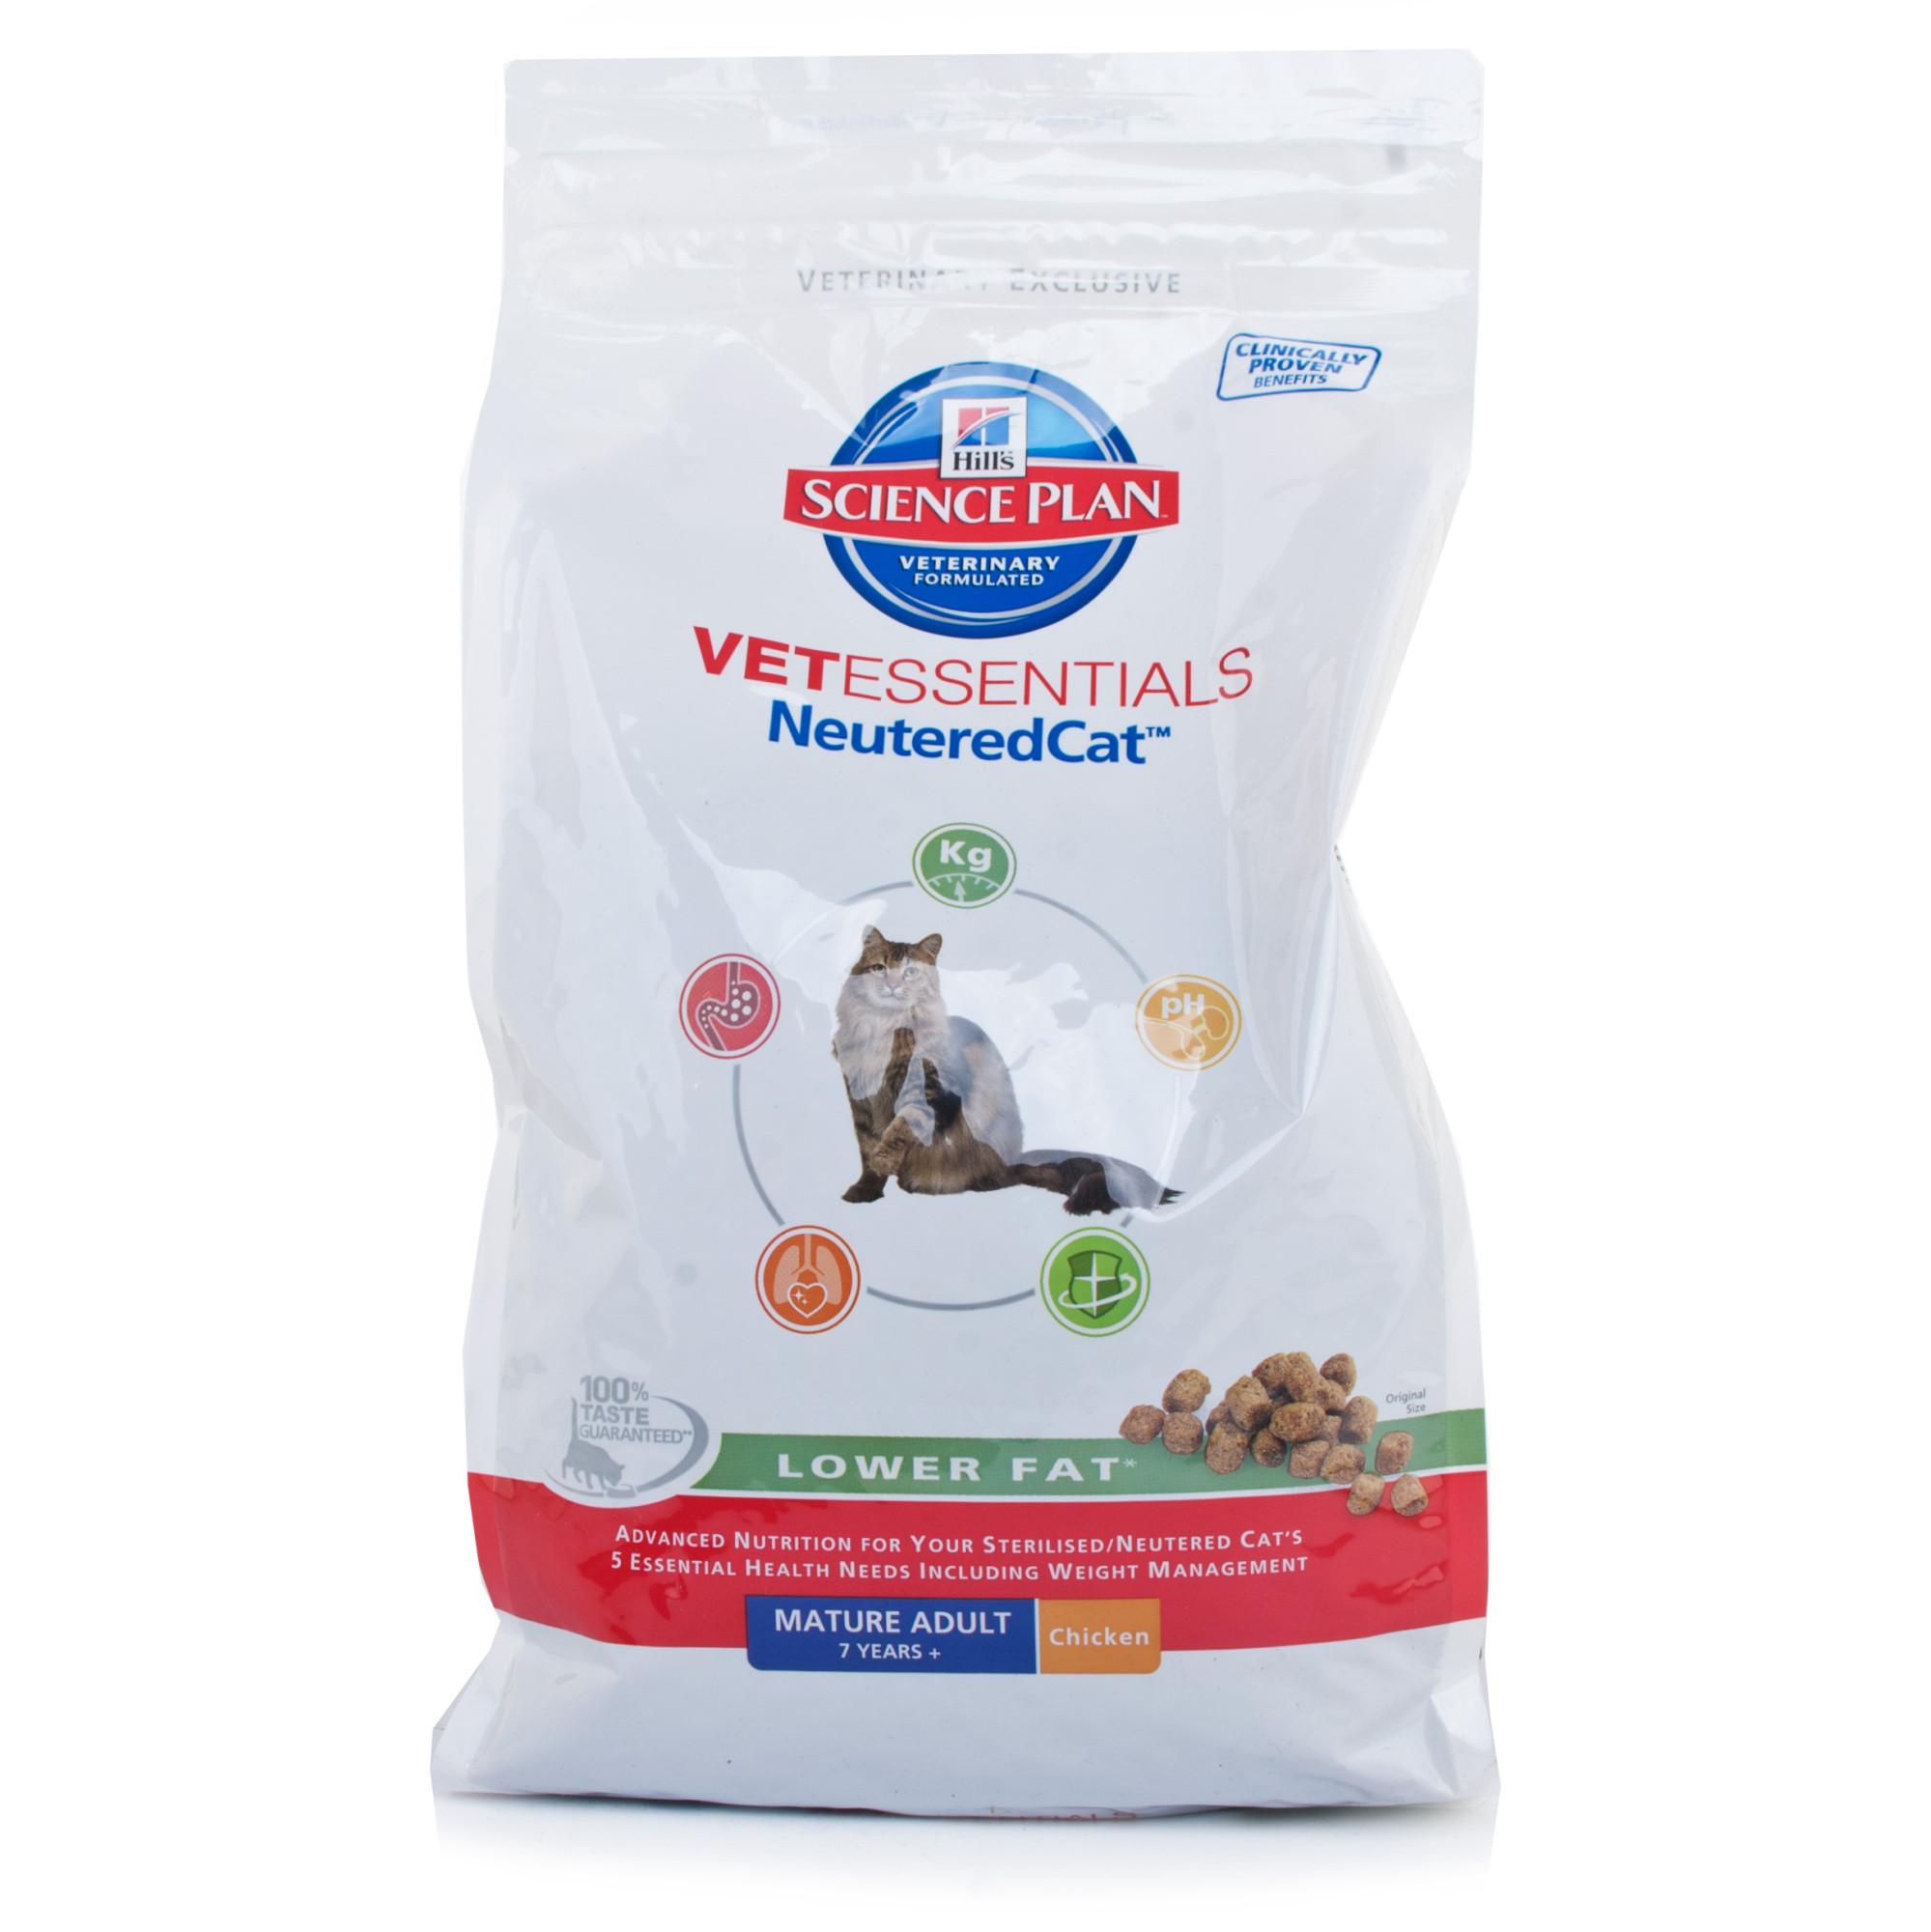 Hills Cat Food Pets At Home